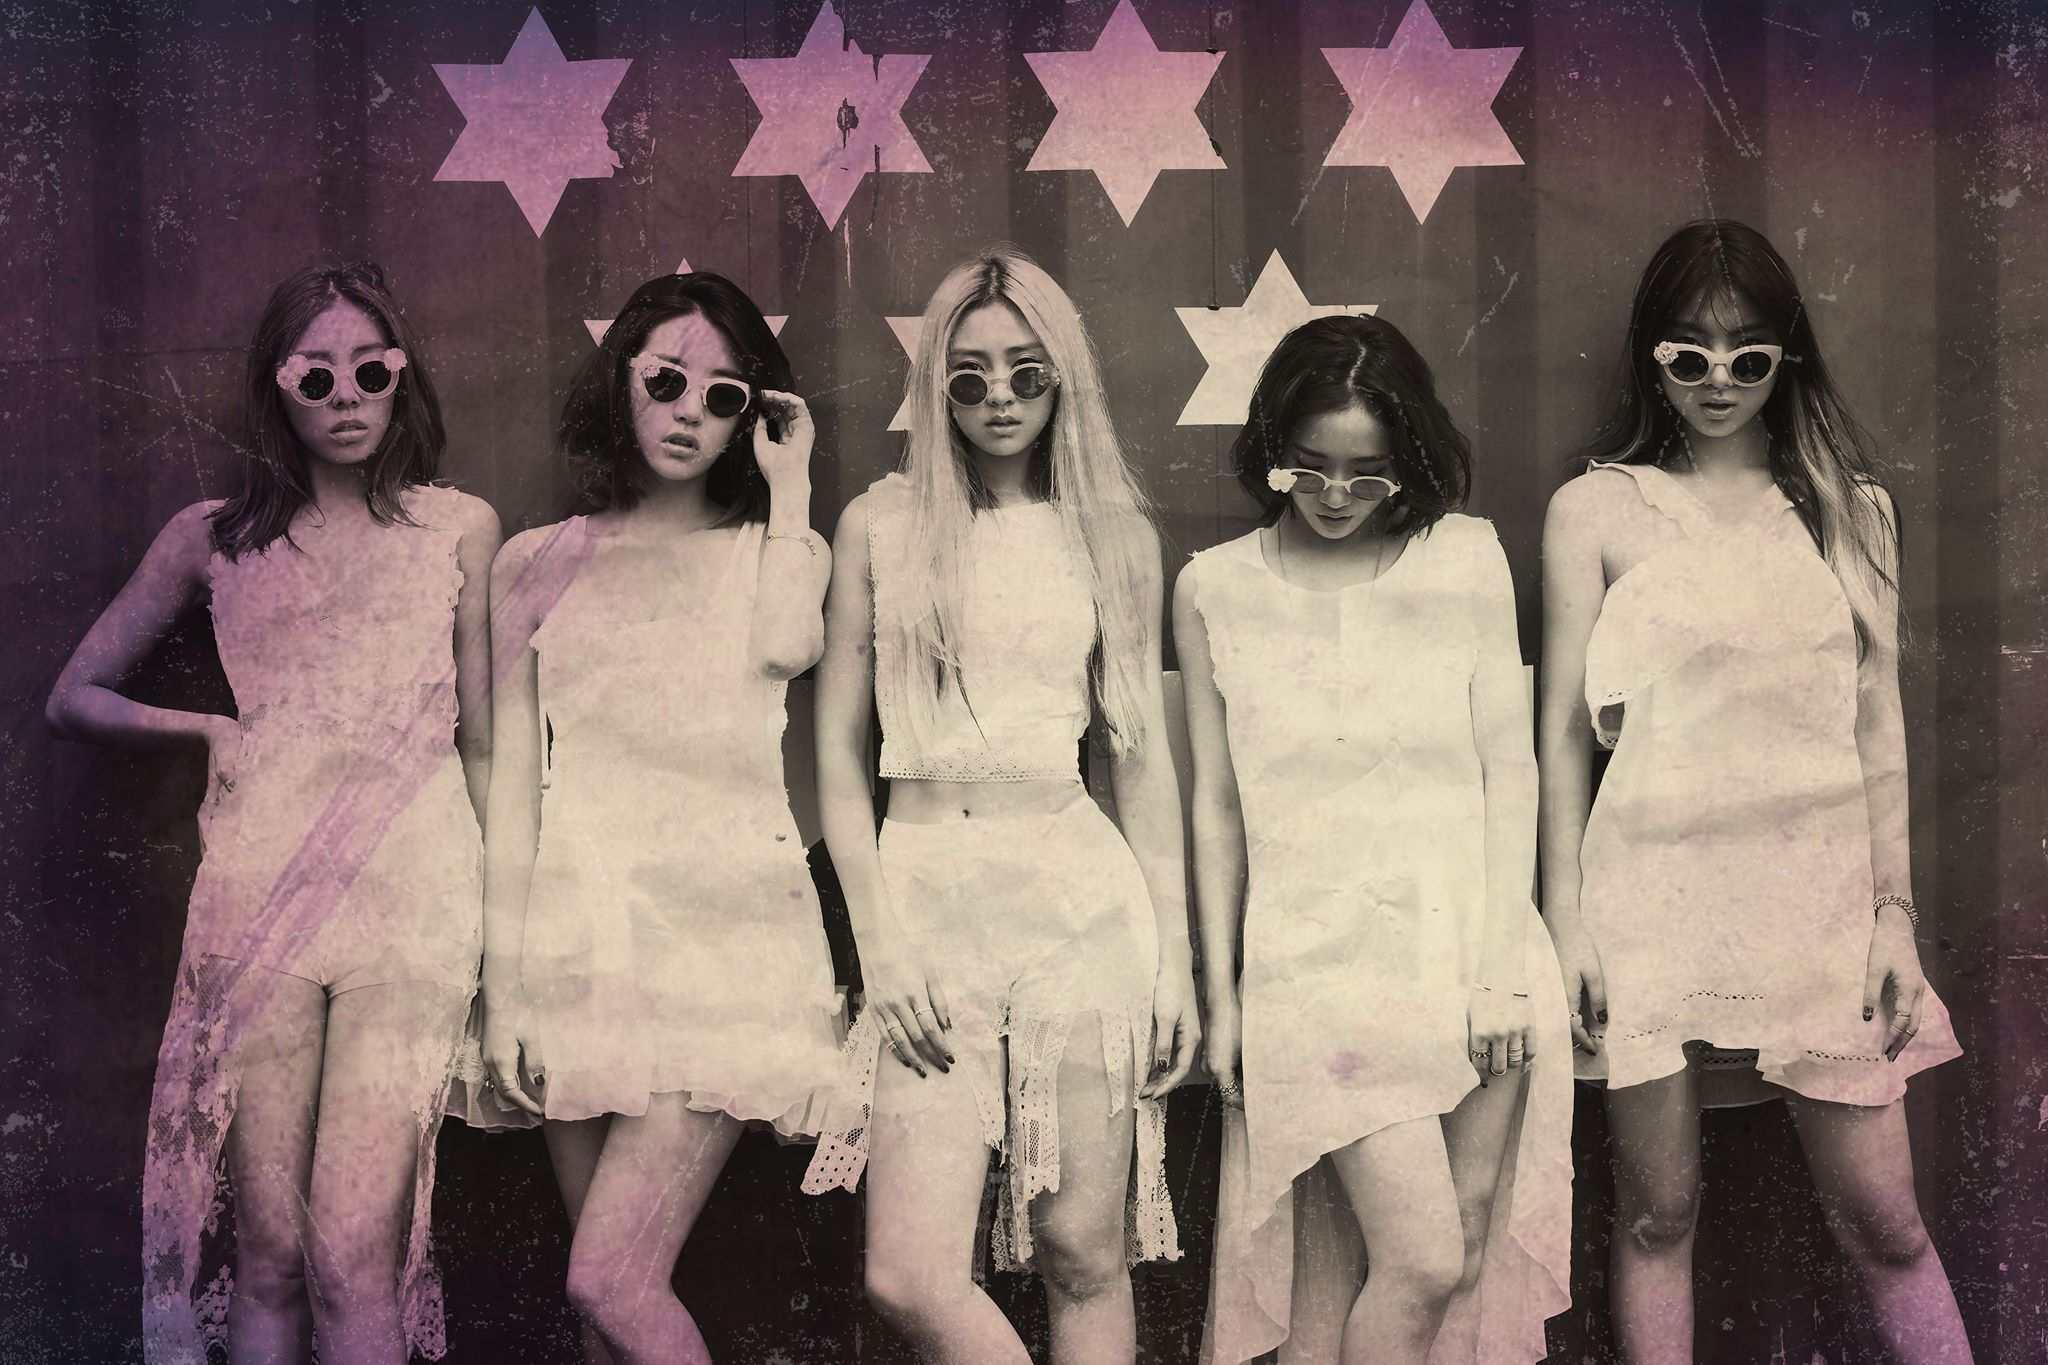 3月:出道1團 代表團體:Ladies' Code 在剛得到注目時就發生了不幸的車禍意外,在上回發專輯時Ladies's Code就說會連在天上的成員的份一起努力。最近主唱昭政登上了《Girl Spirit》,嗓音也很令人驚豔,希望大家可以多多關注她們啊!